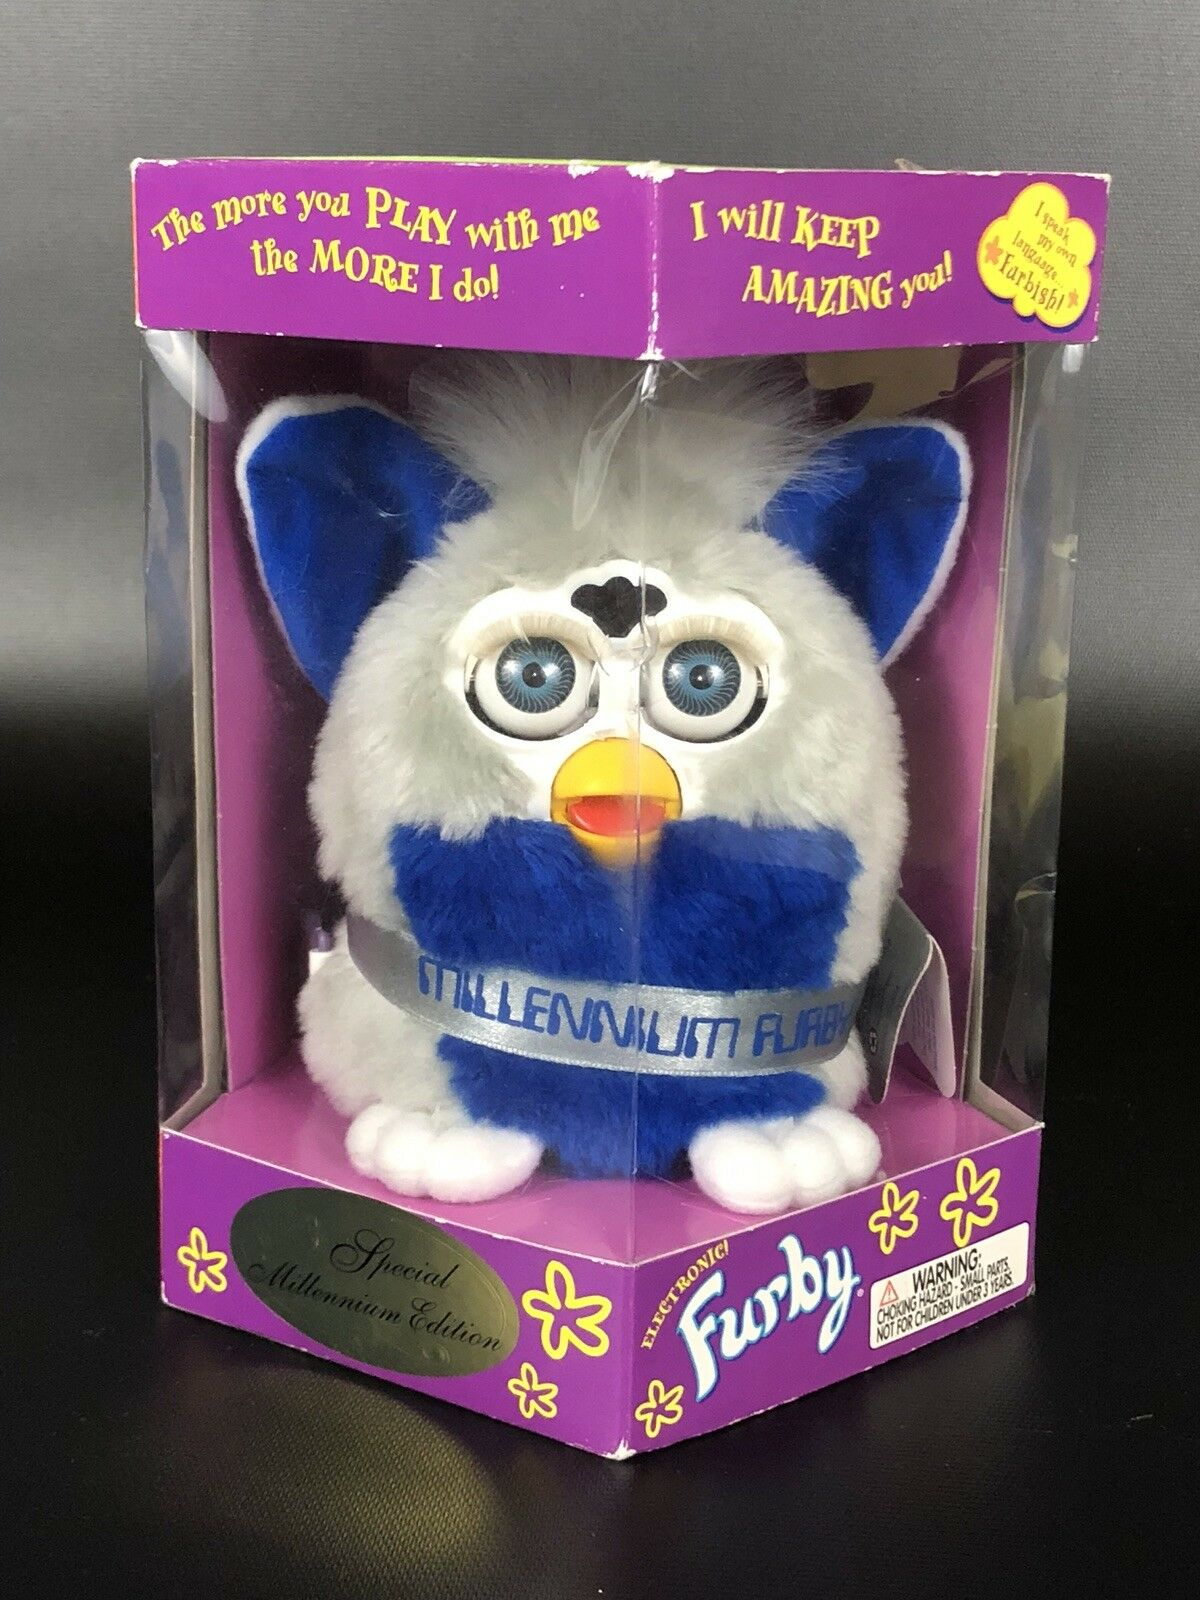 NIB Vintage Furby Special Millennium Edition